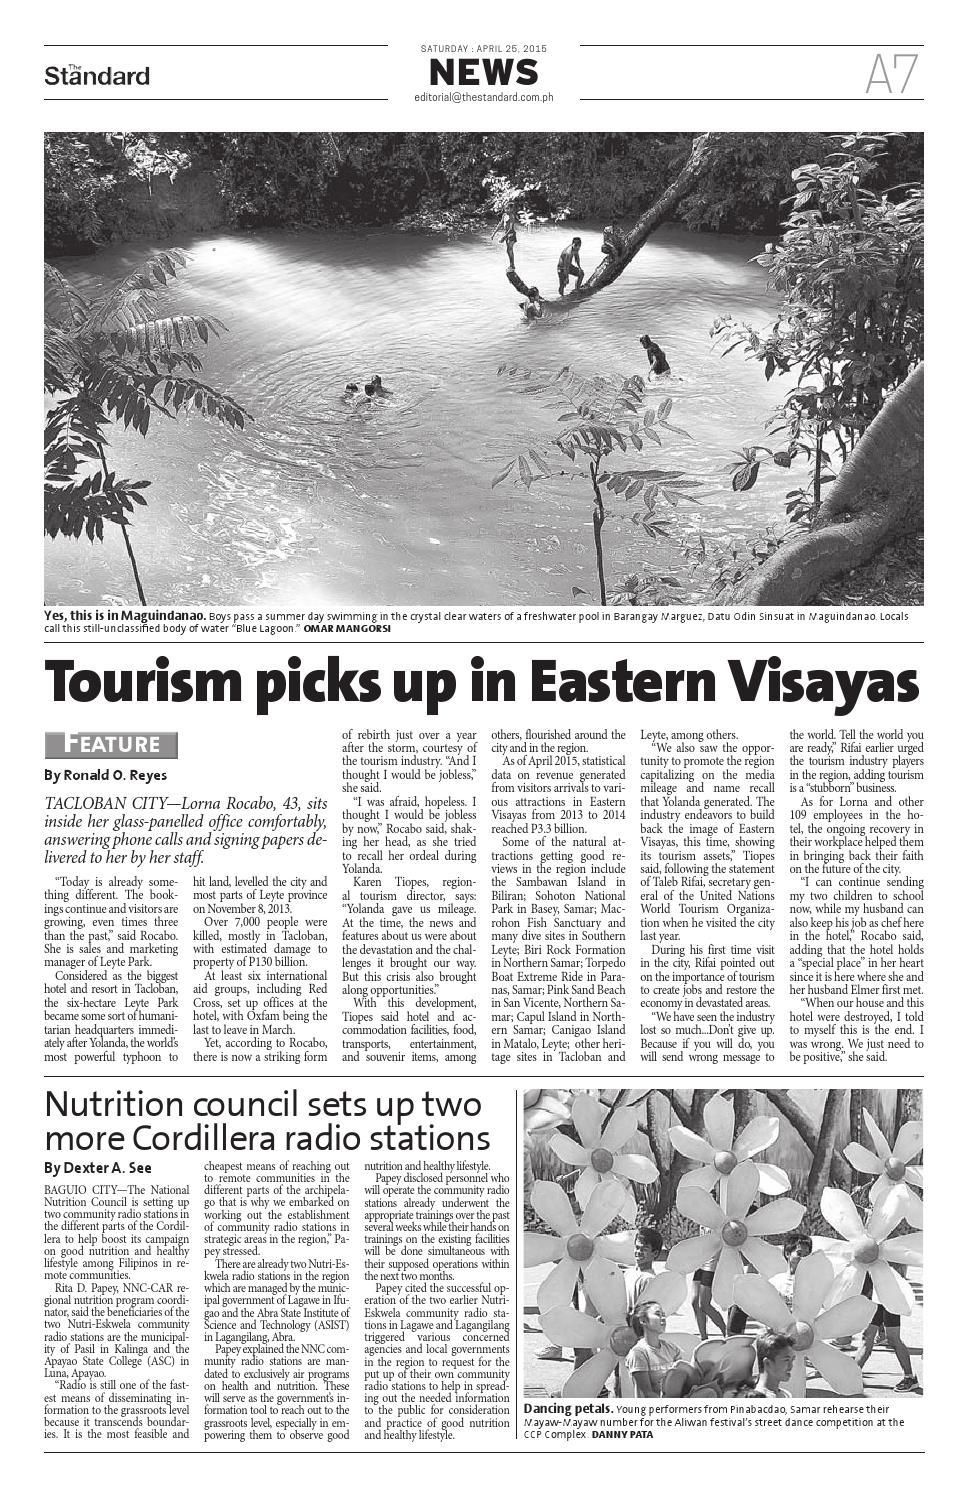 The Standard - 2015 April 25 - Saturday by Manila Standard - issuu